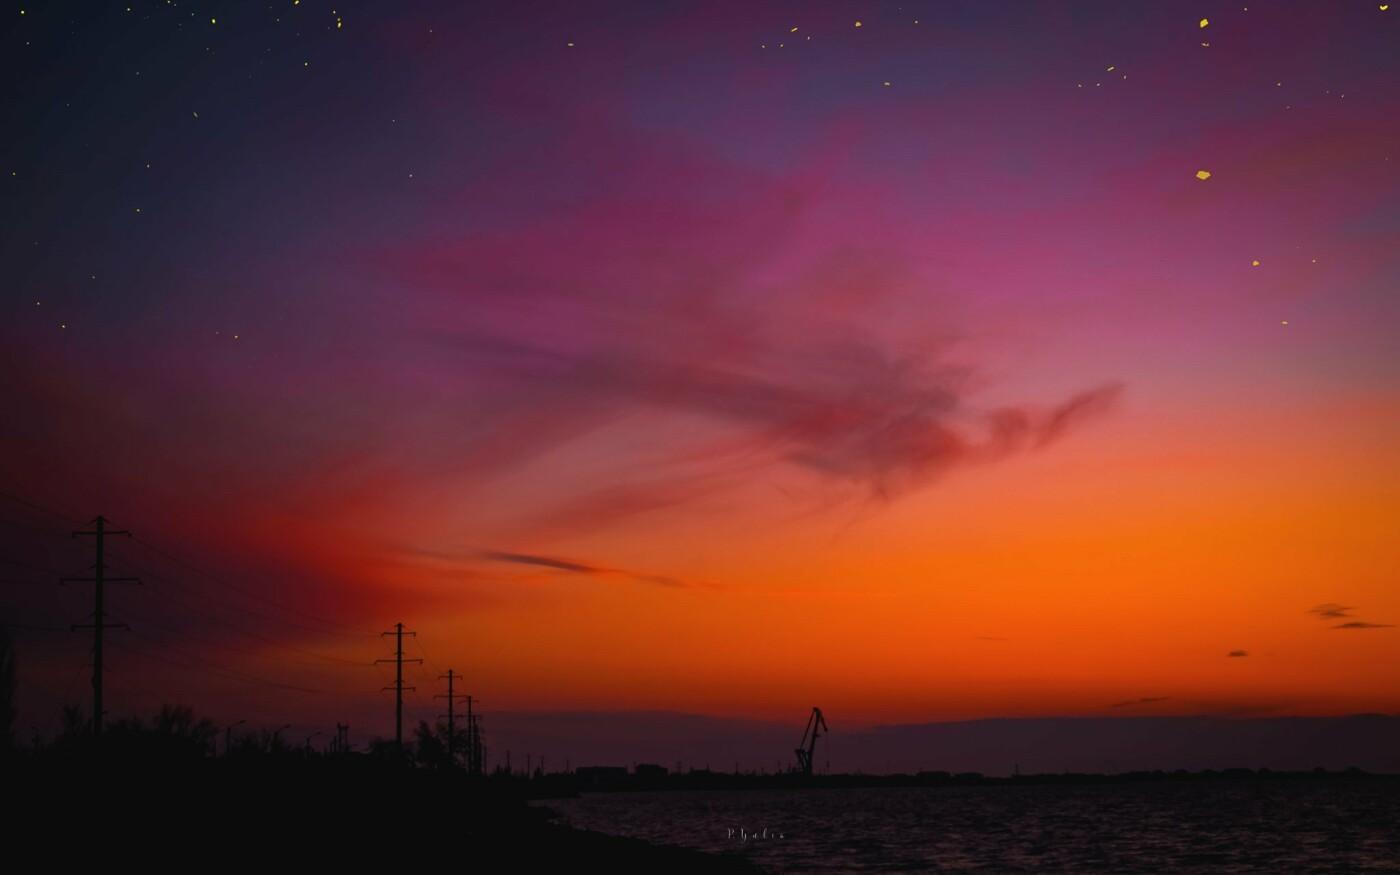 Мудрость от 06153: где красивые закаты, там лучший отдых - ВИДЕО, ФОТО, фото-13, Юлия Покас